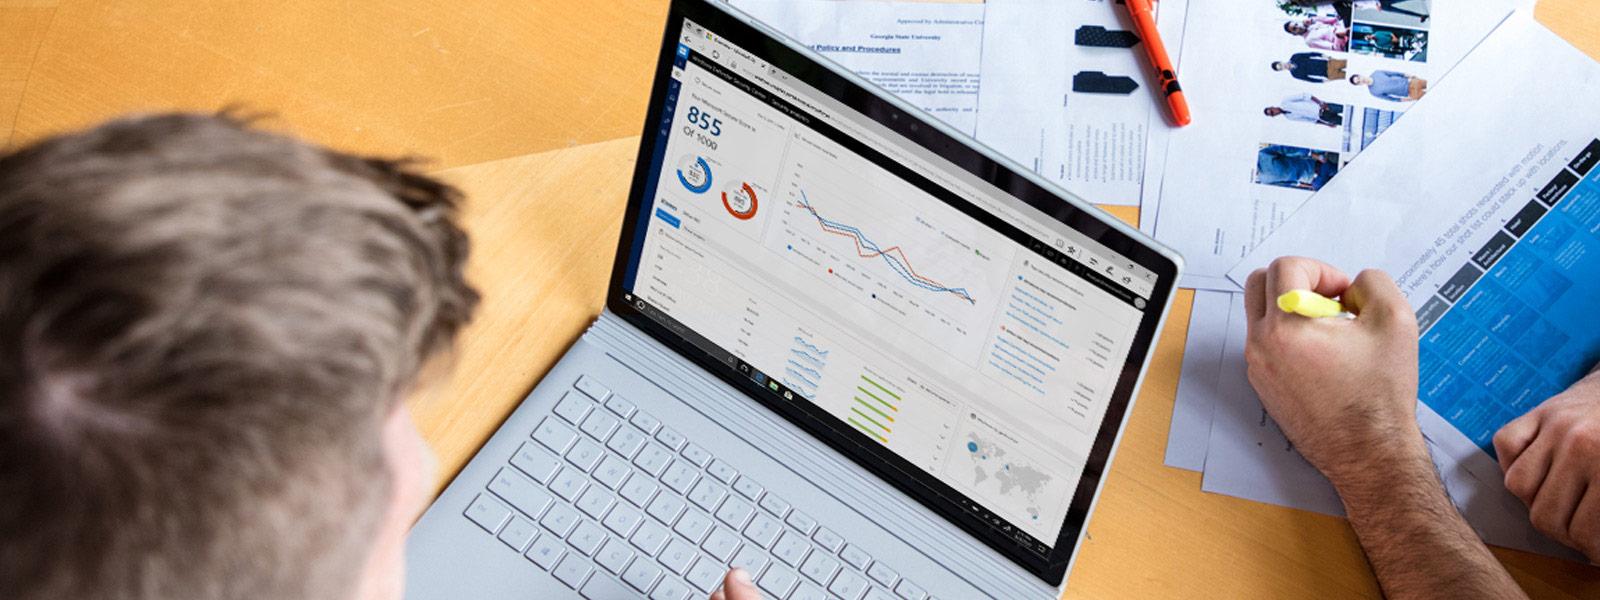 Windows Defender Center auf Laptopbildschirm